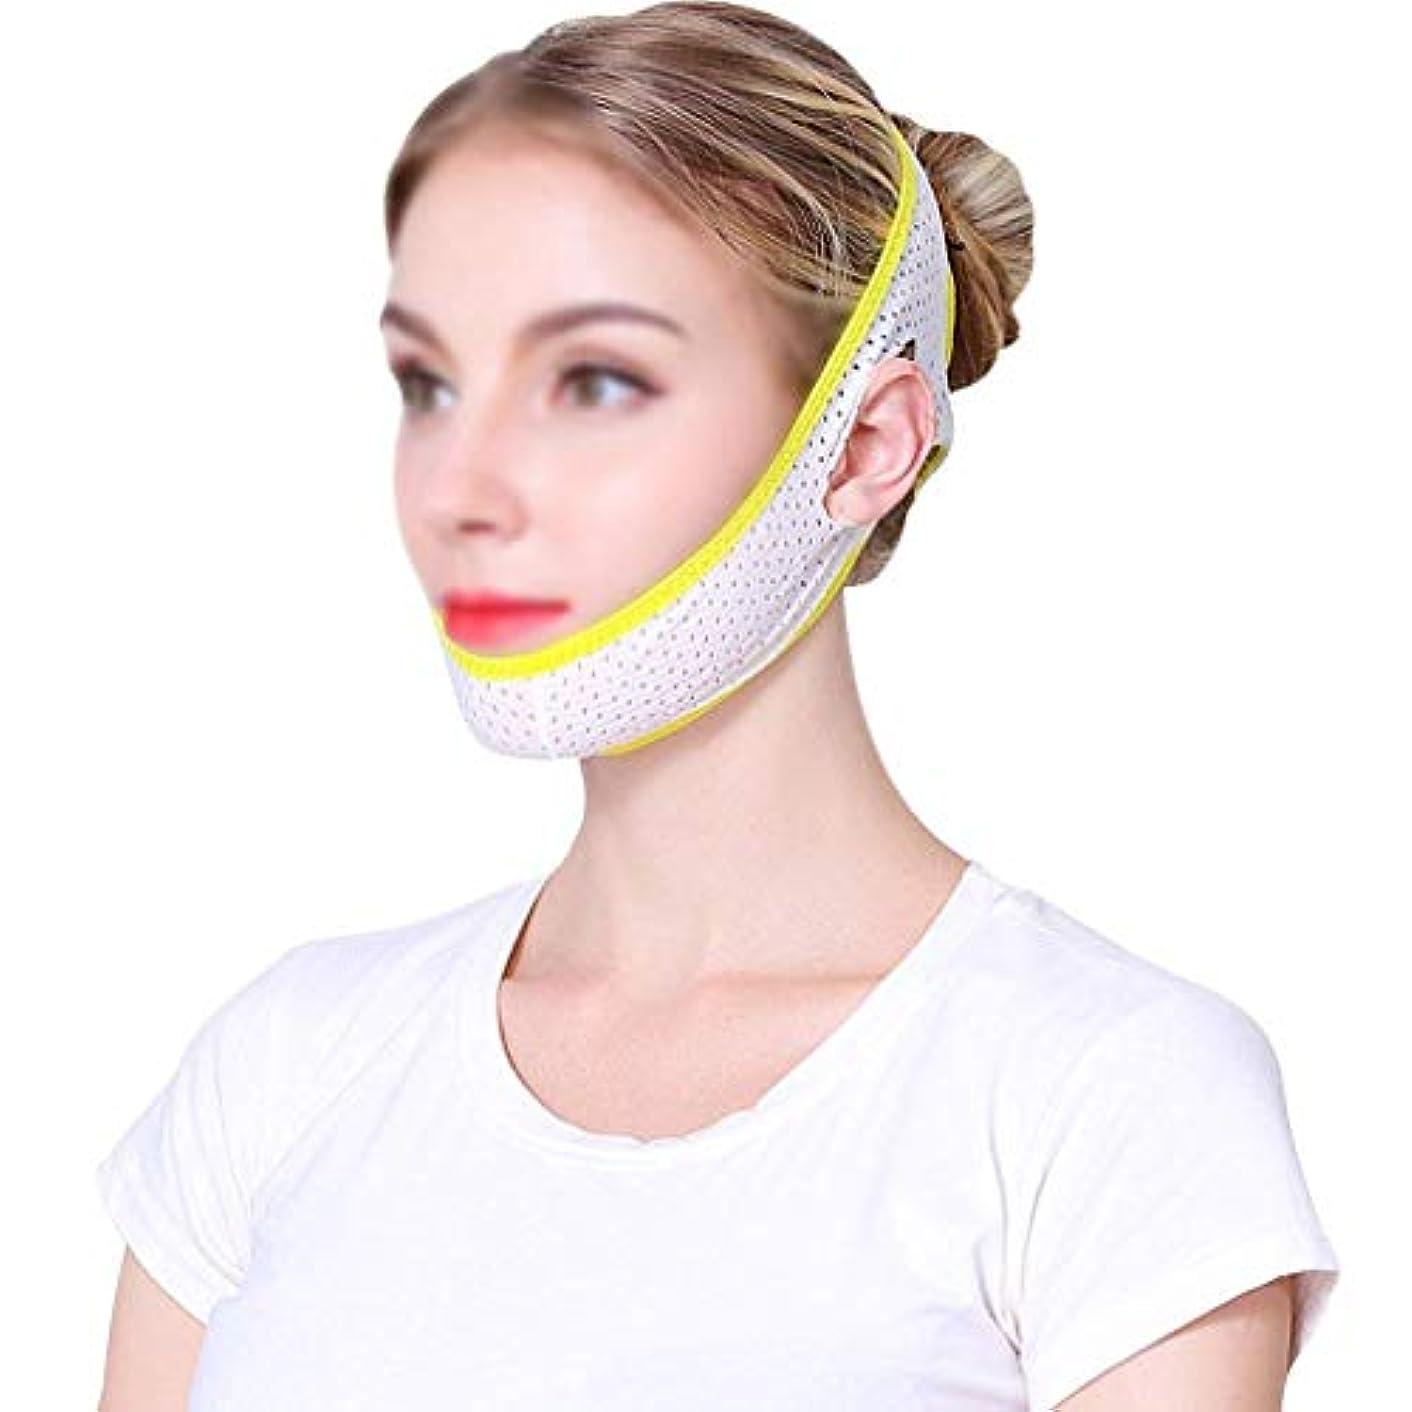 のためにおんどりただやるマスク、包帯、整形外科の夏の通気性の薄いセクション二重あごひものVの表面の薄いフェイスマスクを持ち上げて下さい